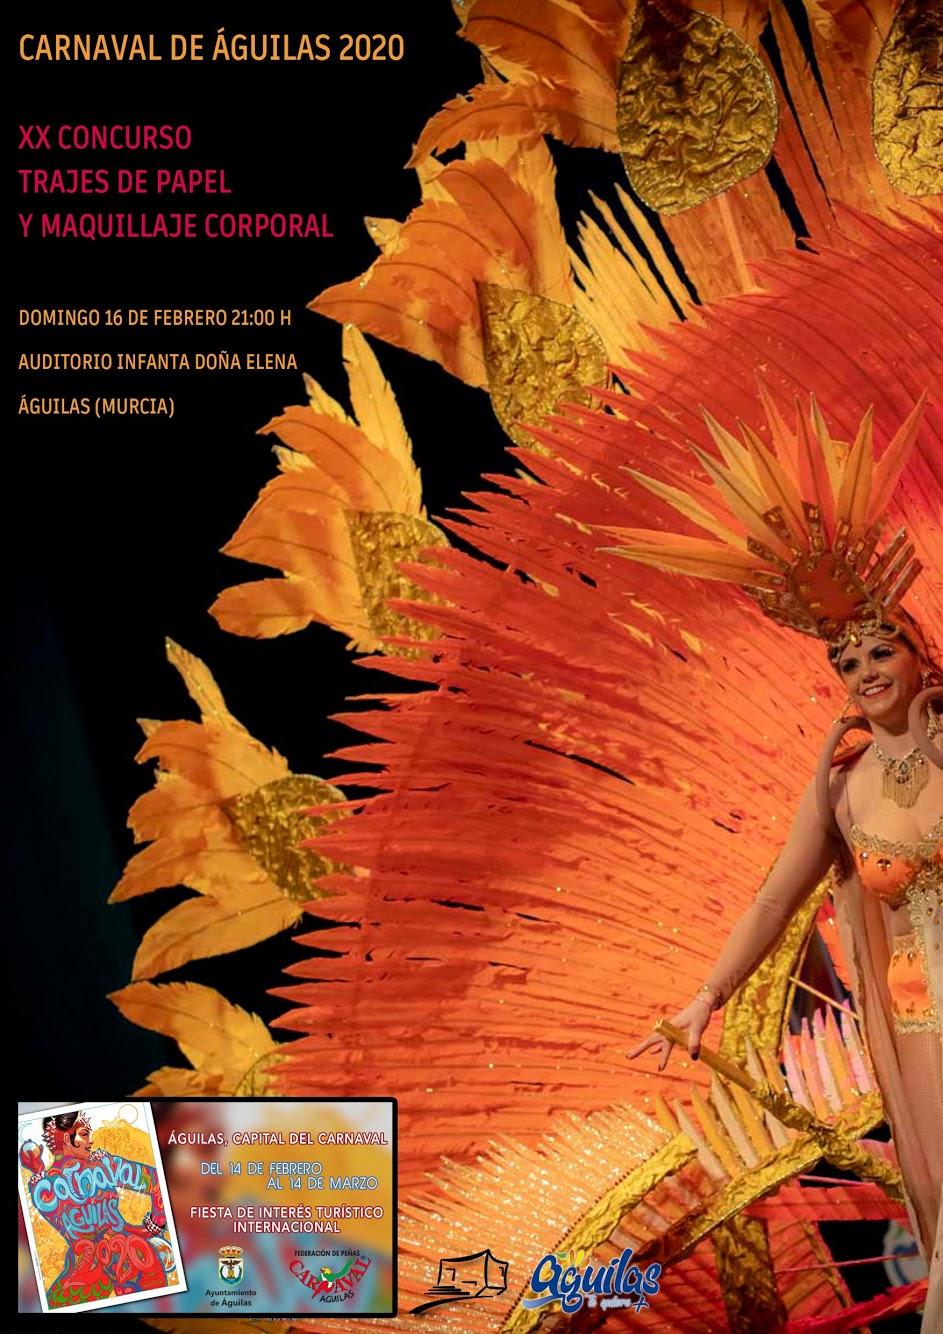 aguilas-carnaval-2020.jpg